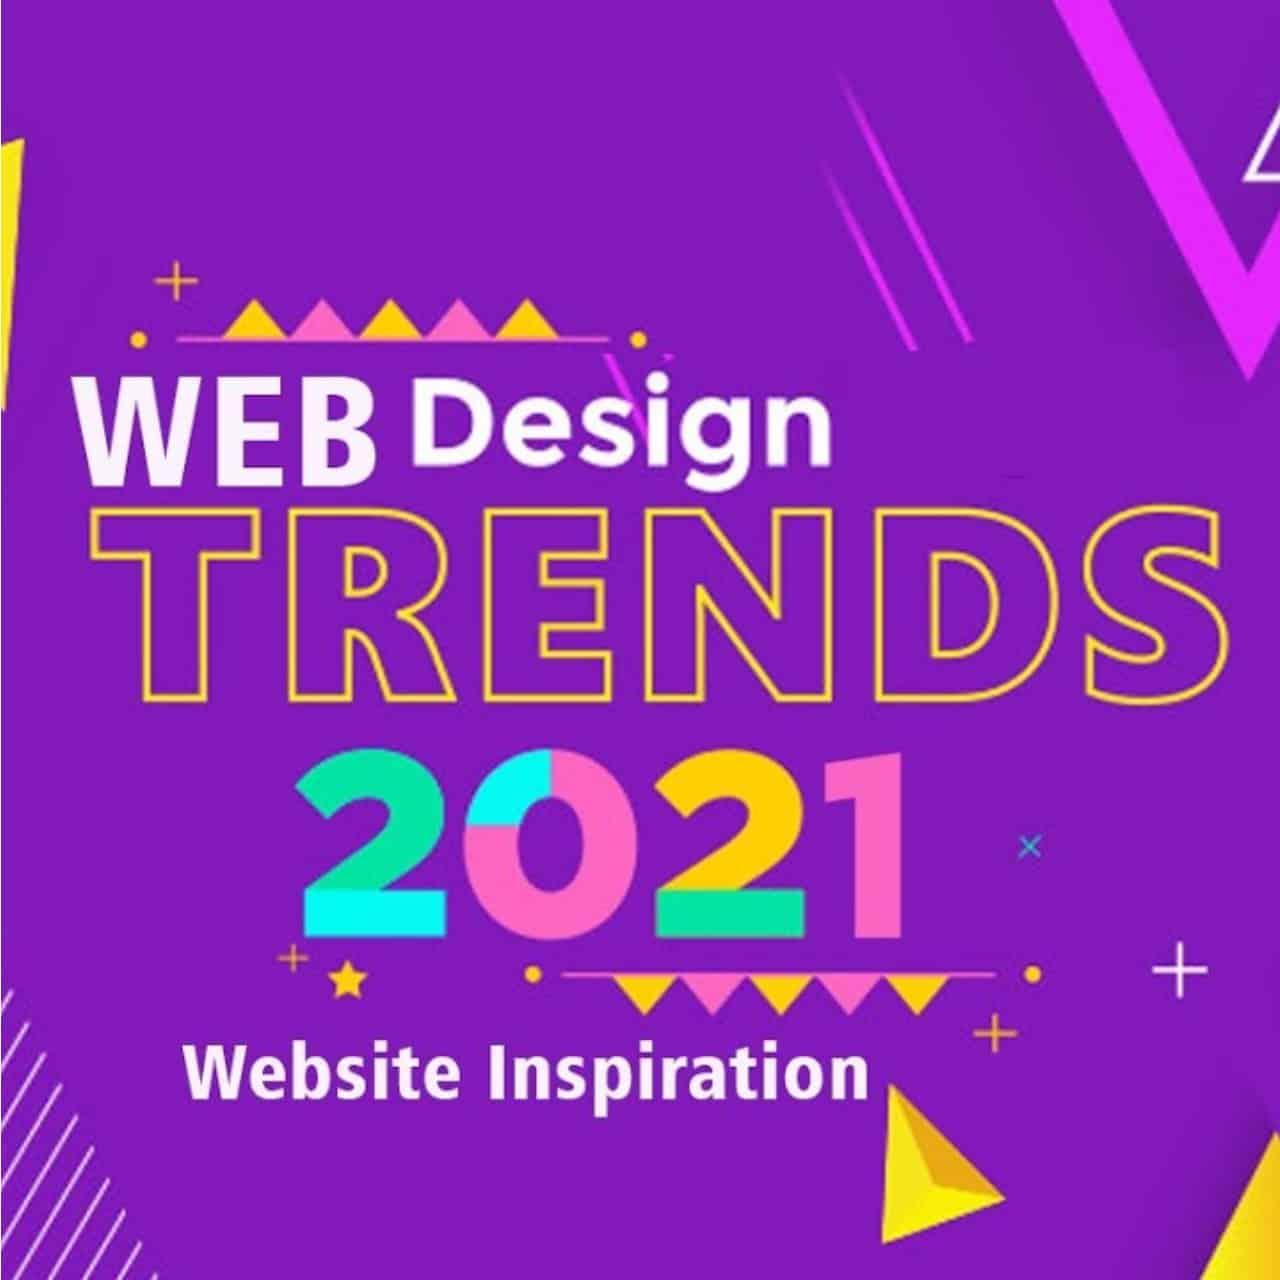 webdesign-trends-2021